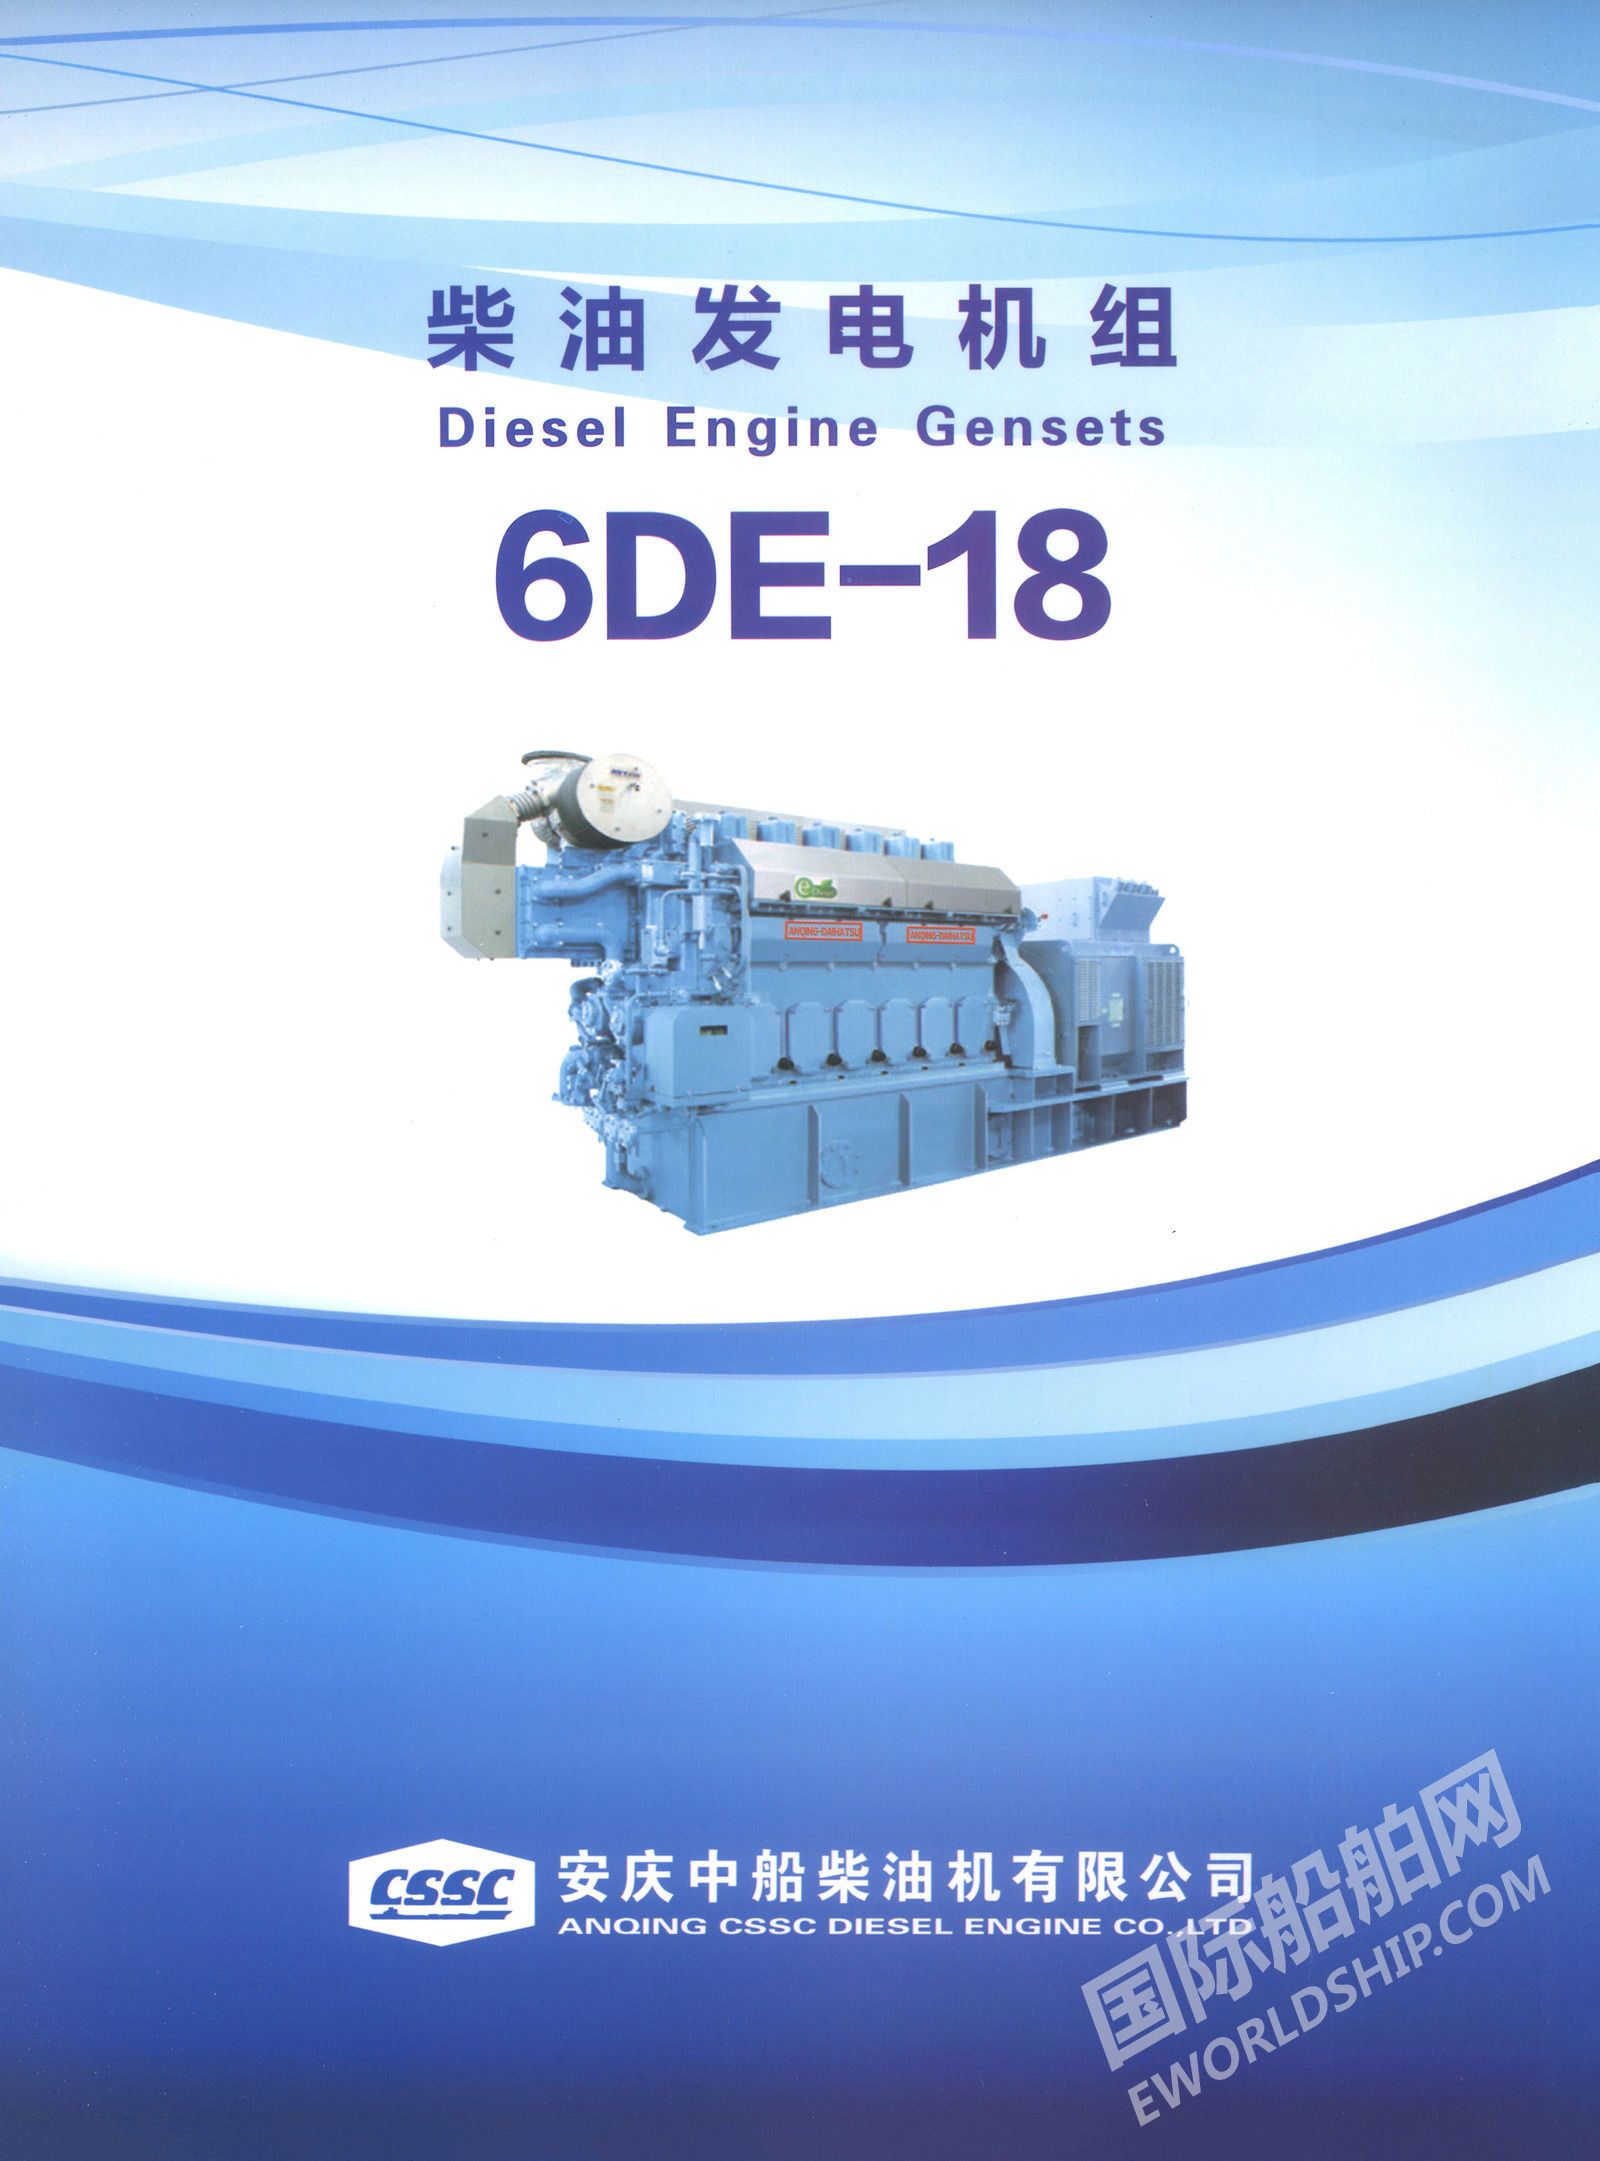 安庆中船柴油机有限公司 柴油发电机组